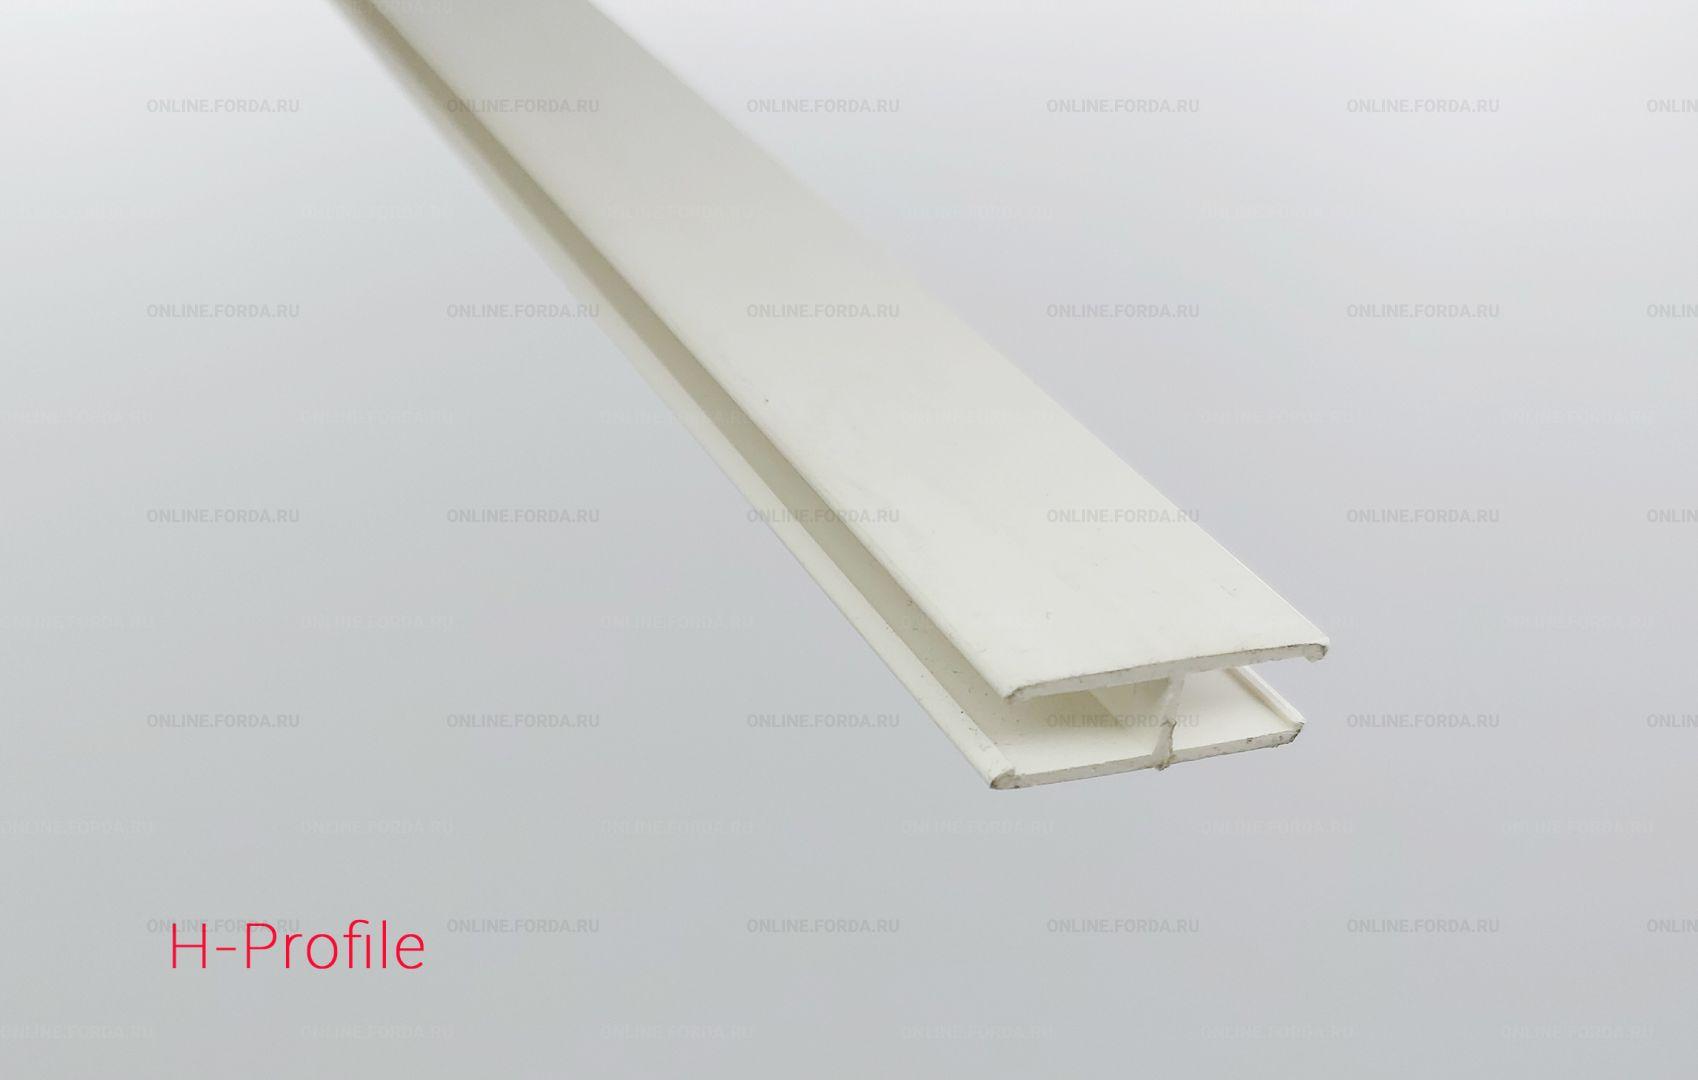 Профиль пластиковый соединительный 5 мм